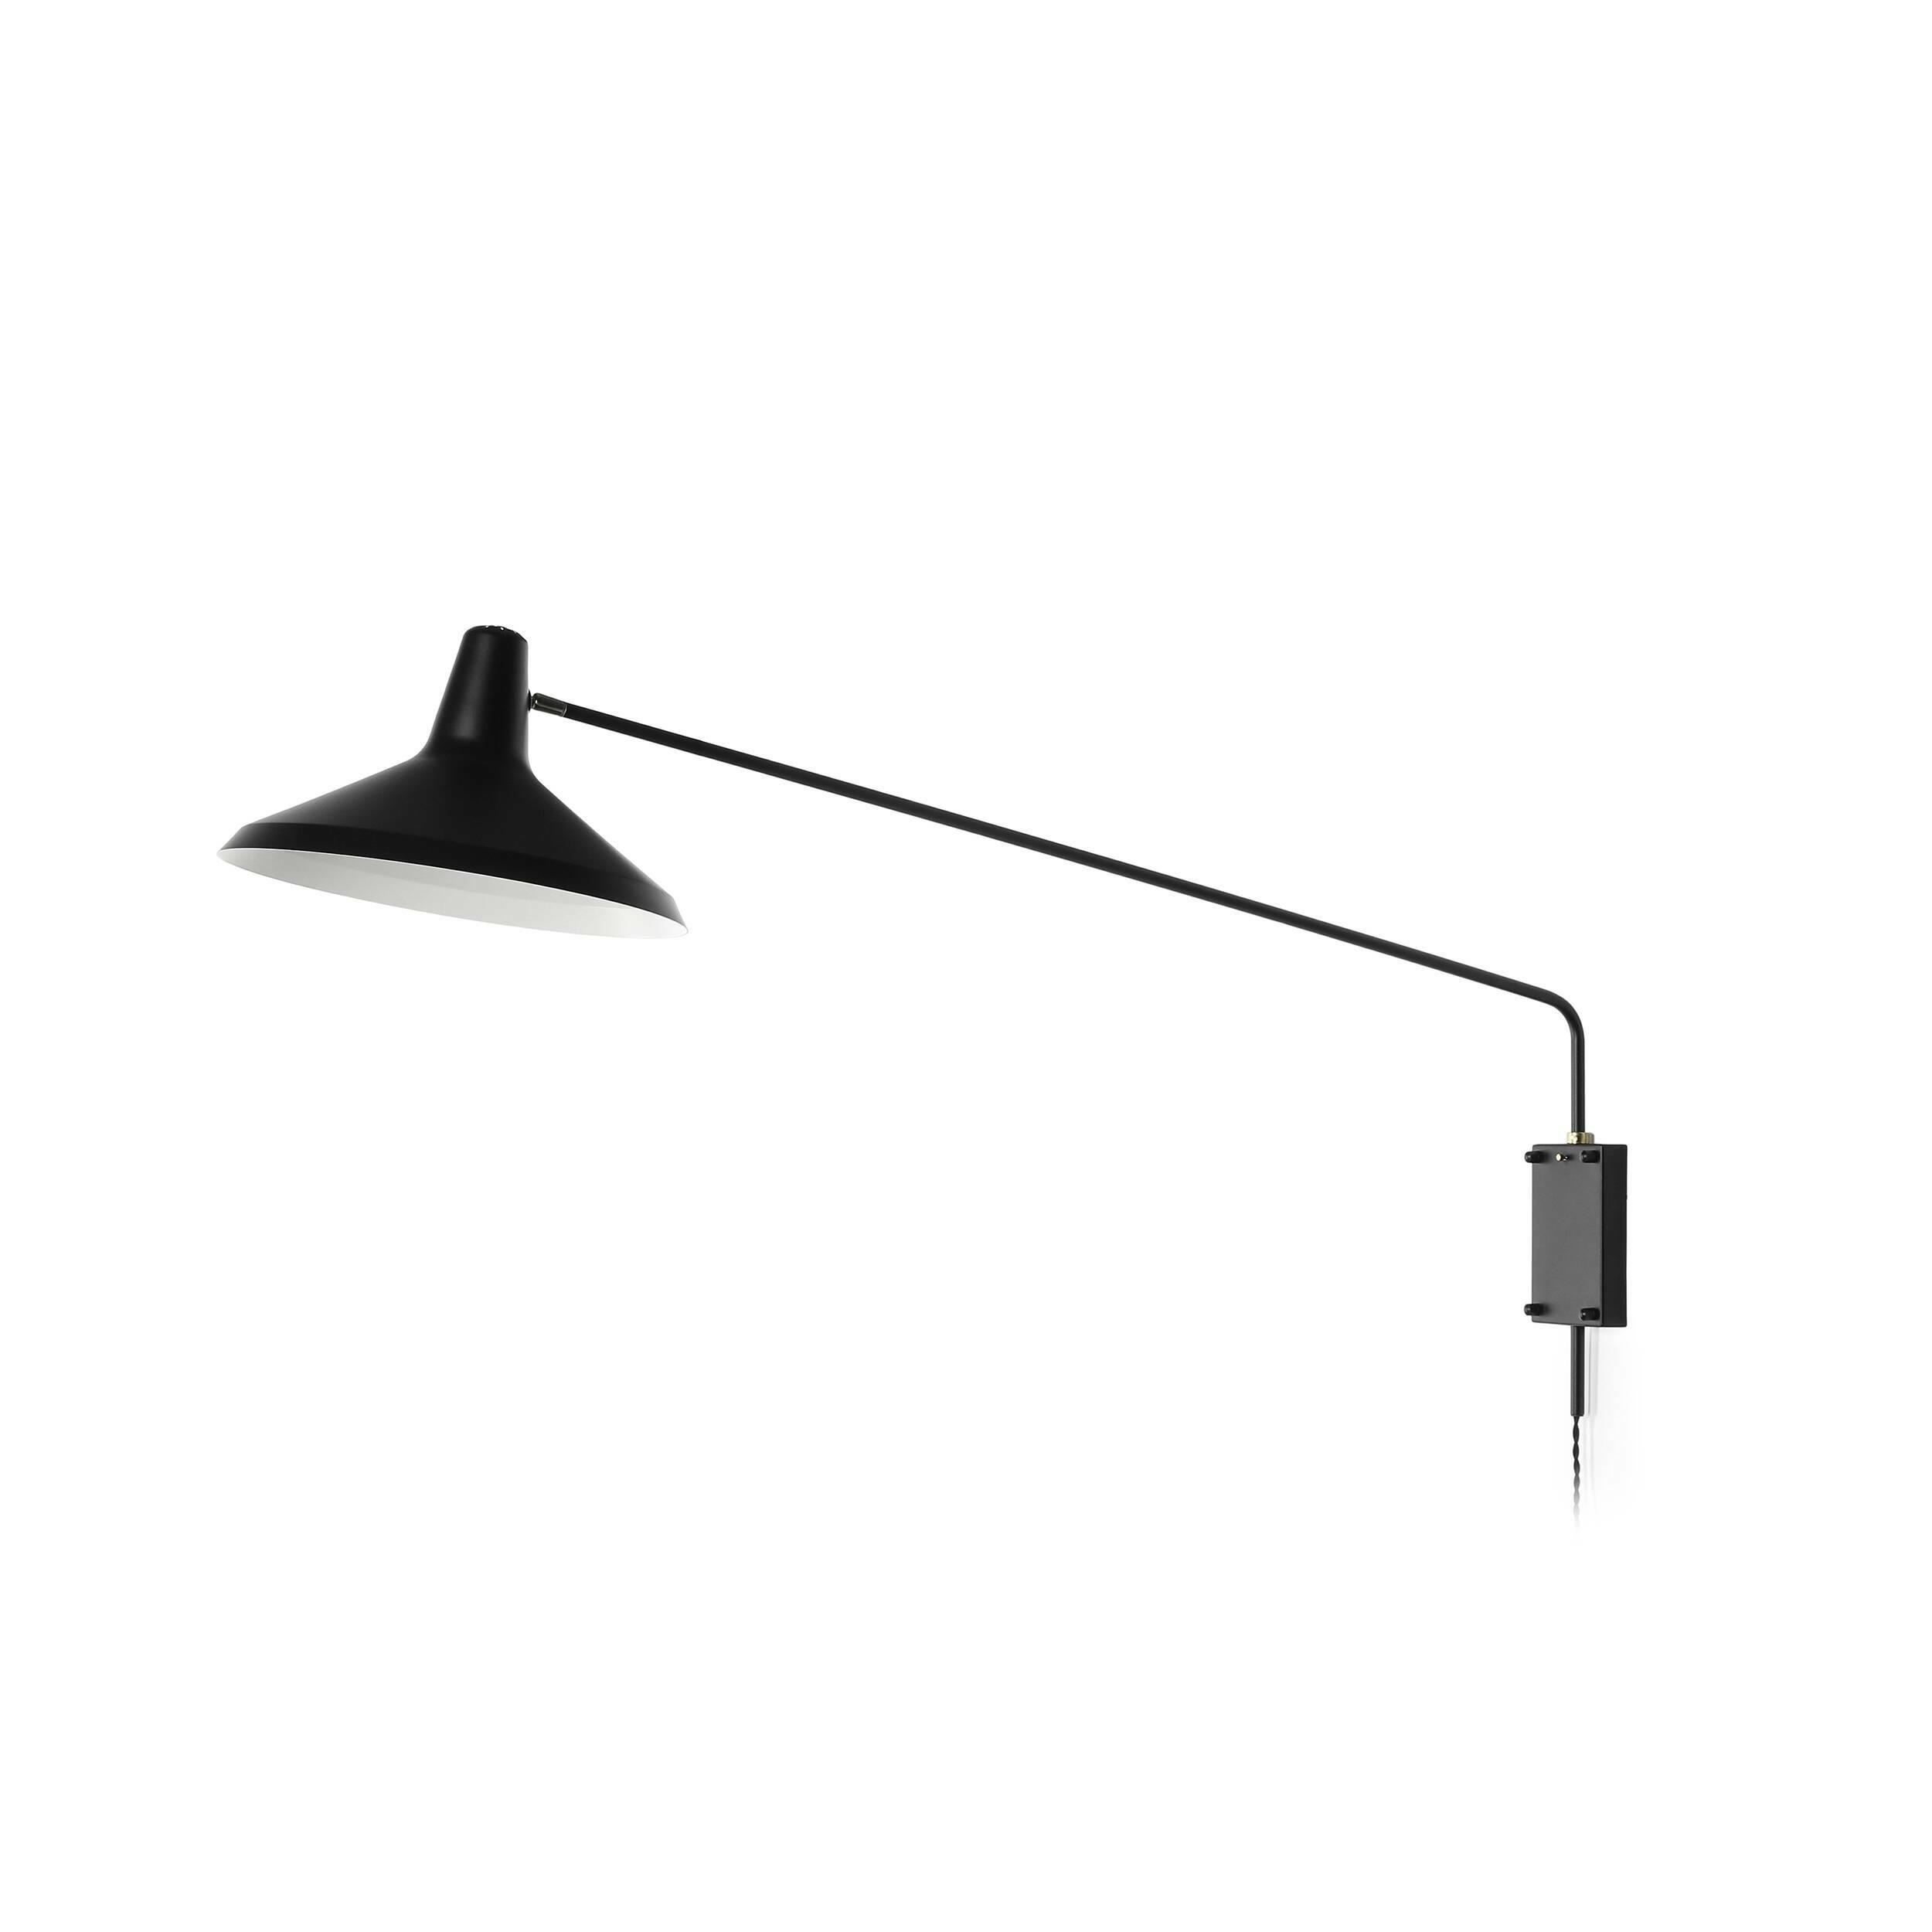 Настенный светильник OctaviaНастенные<br>Настенные светильники способны усиливать акцент определенной части помещения, и у владельцев часто появляется желание сменить расположение светильника. Именно здесь проявляются лучшие качества бра на кронштейнах – настенный светильник Octavia не только красив, но и функционально адаптирован под требования владельцев к освещению окружающего пространства.<br><br><br> Изделие можно крутить и поворачивать в разные стороны. Модель изготавливается из прочных, износостойких материалов, что обеспечивает...<br><br>stock: 1<br>Диаметр: 36,5<br>Длина: 122<br>Количество ламп: 1<br>Материал абажура: Алюминий<br>Материал арматуры: Металл<br>Мощность лампы: 60<br>Ламп в комплекте: Нет<br>Тип лампы/цоколь: E27<br>Цвет абажура: Черный<br>Цвет арматуры: Черный